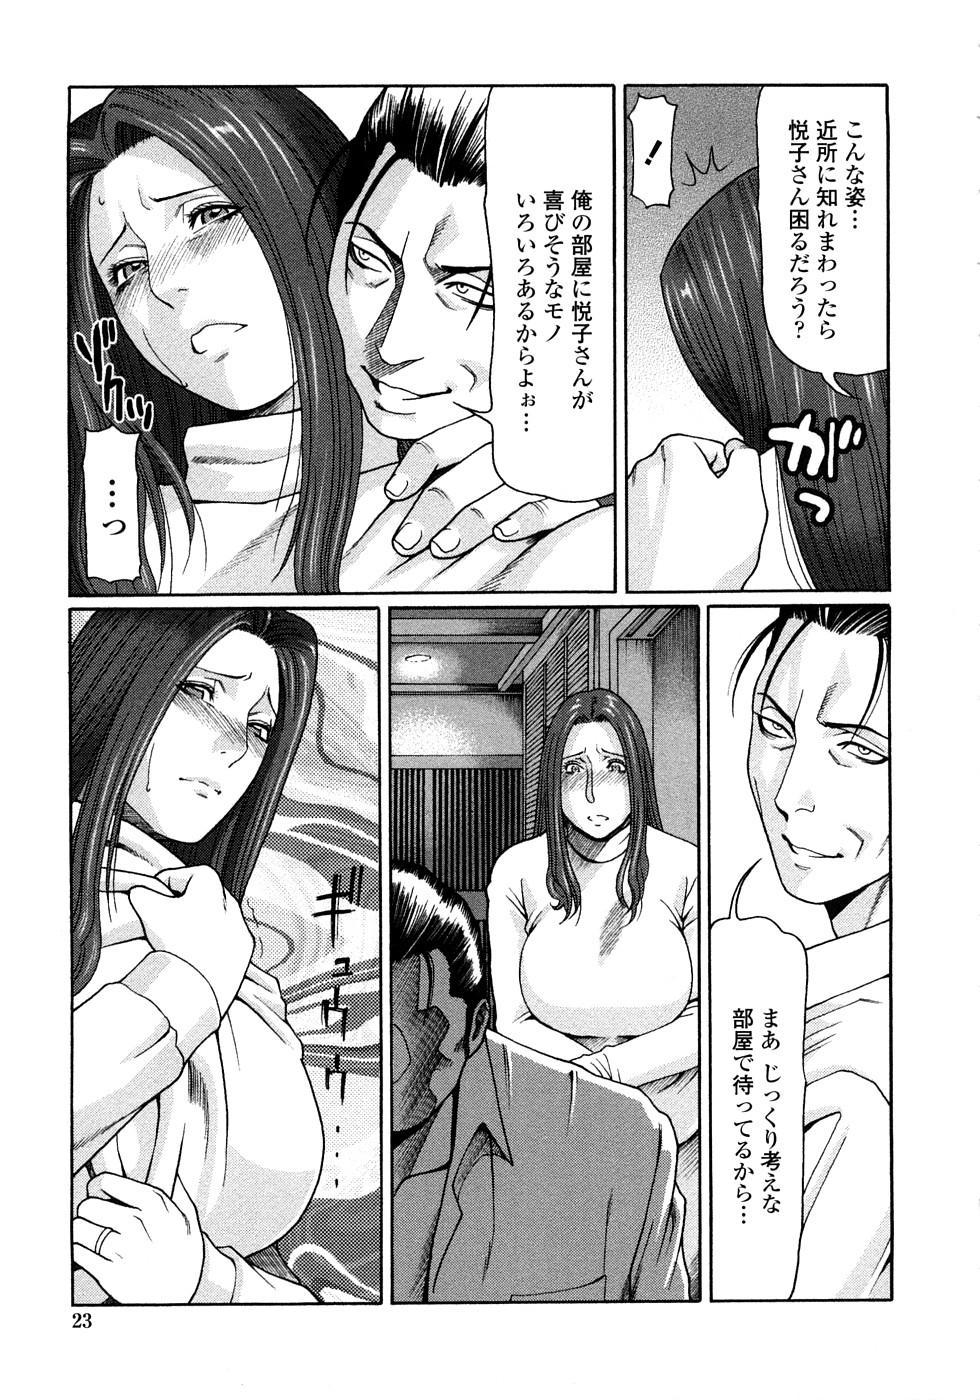 Etsuraku no Tobira - The Door of Sexual Pleasure 21